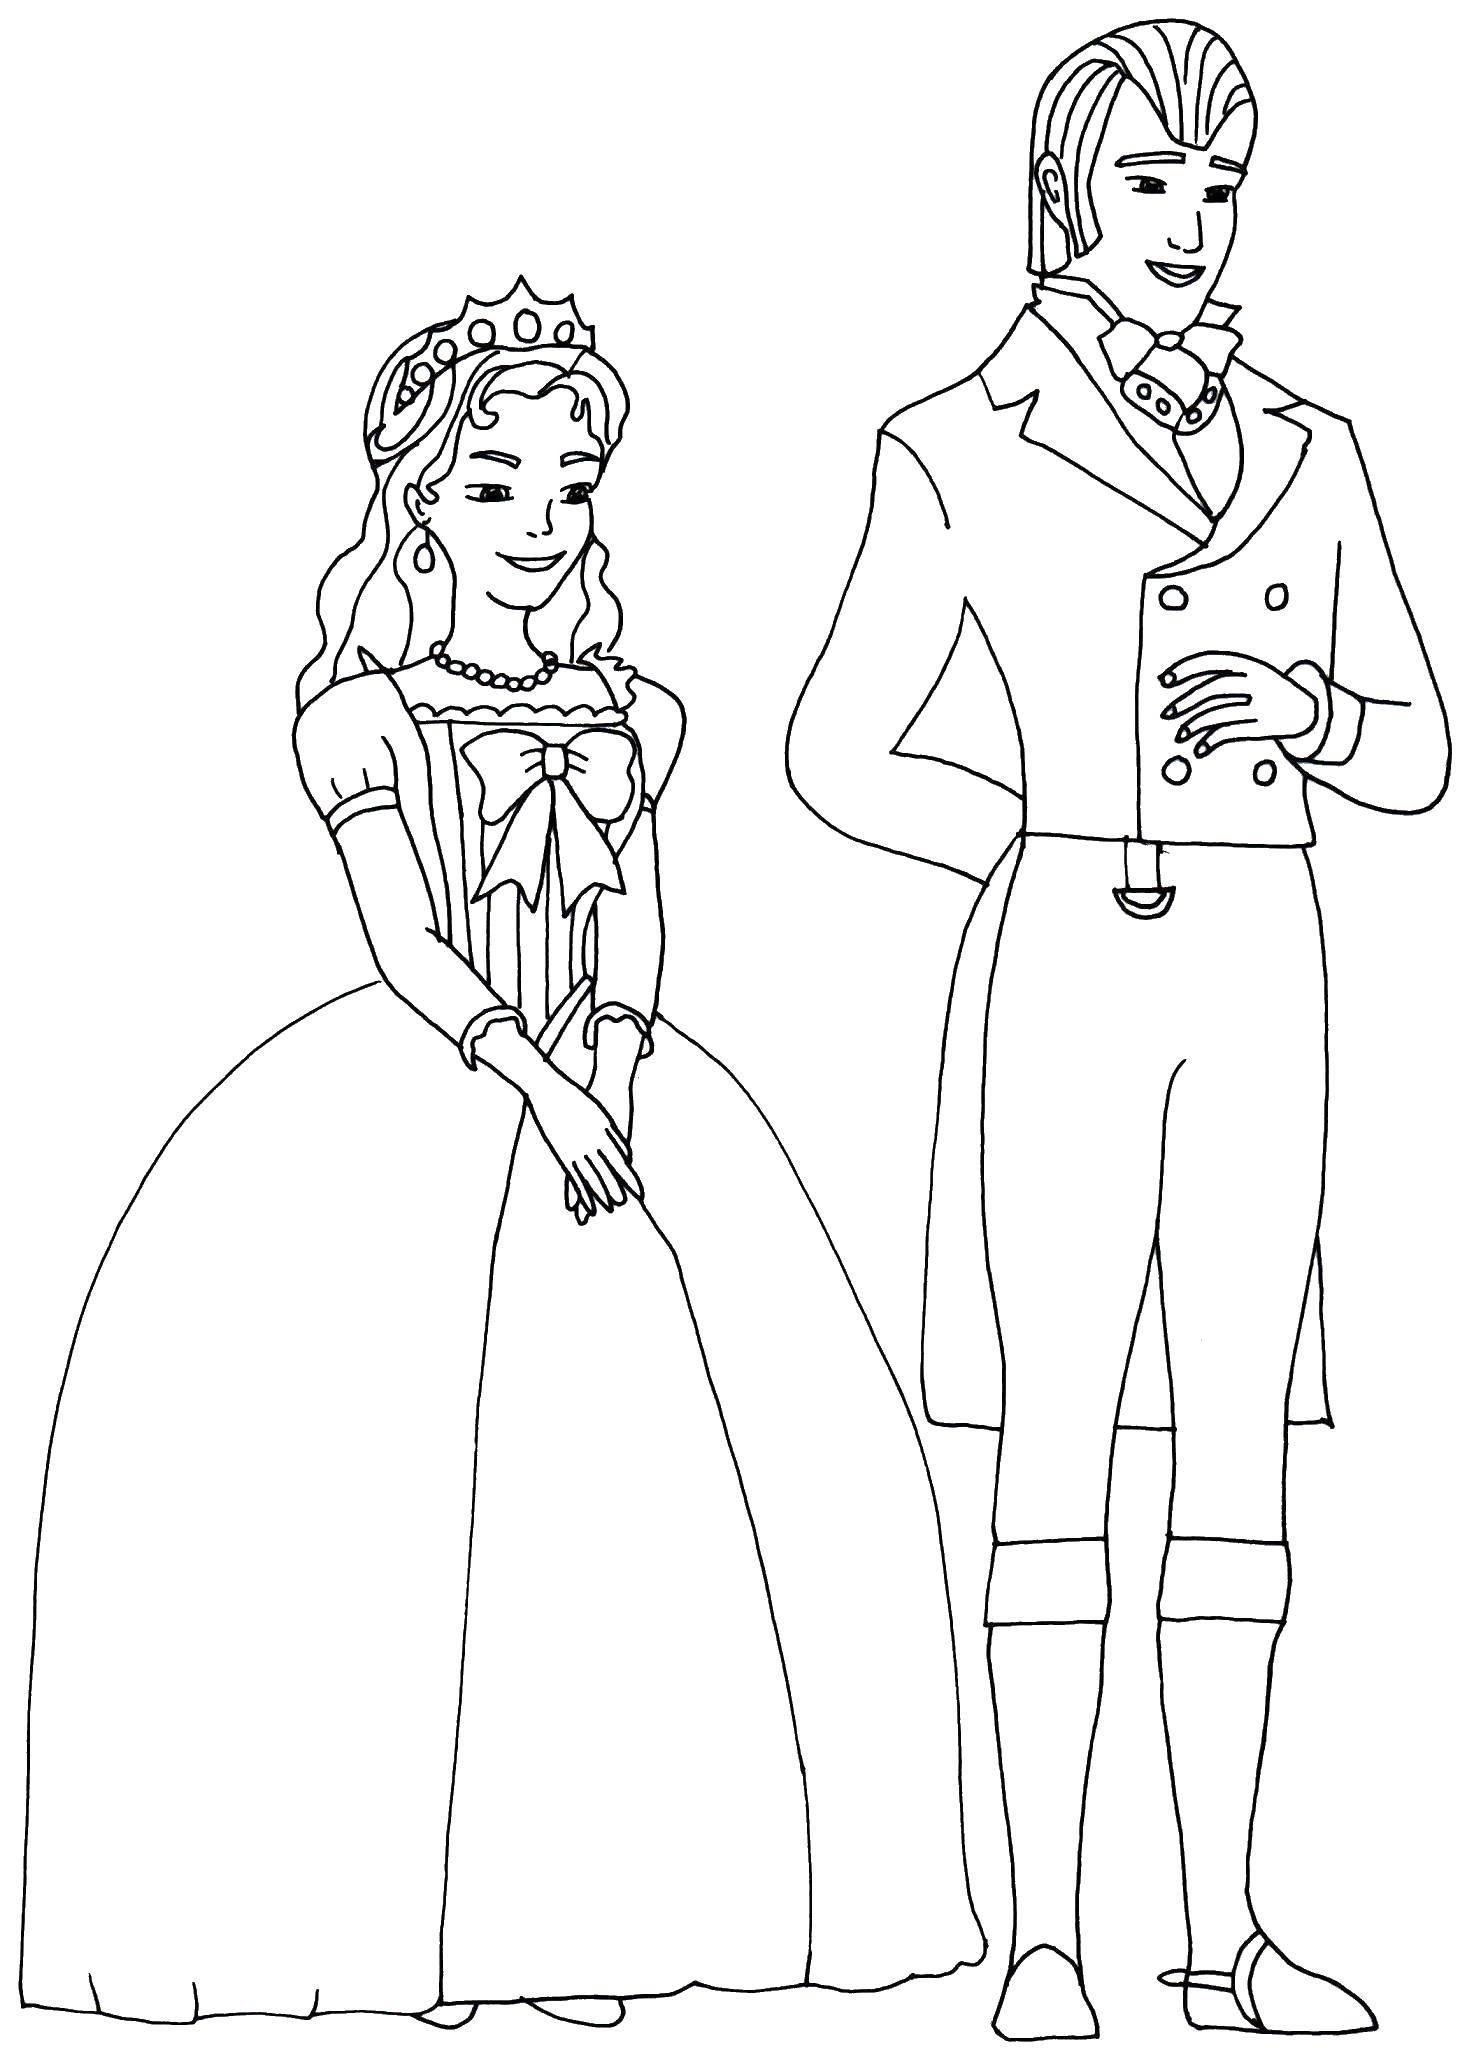 Раскраска Родители принцессы софий Скачать принцесса софия, родители.  Распечатать ,принцесса софия,